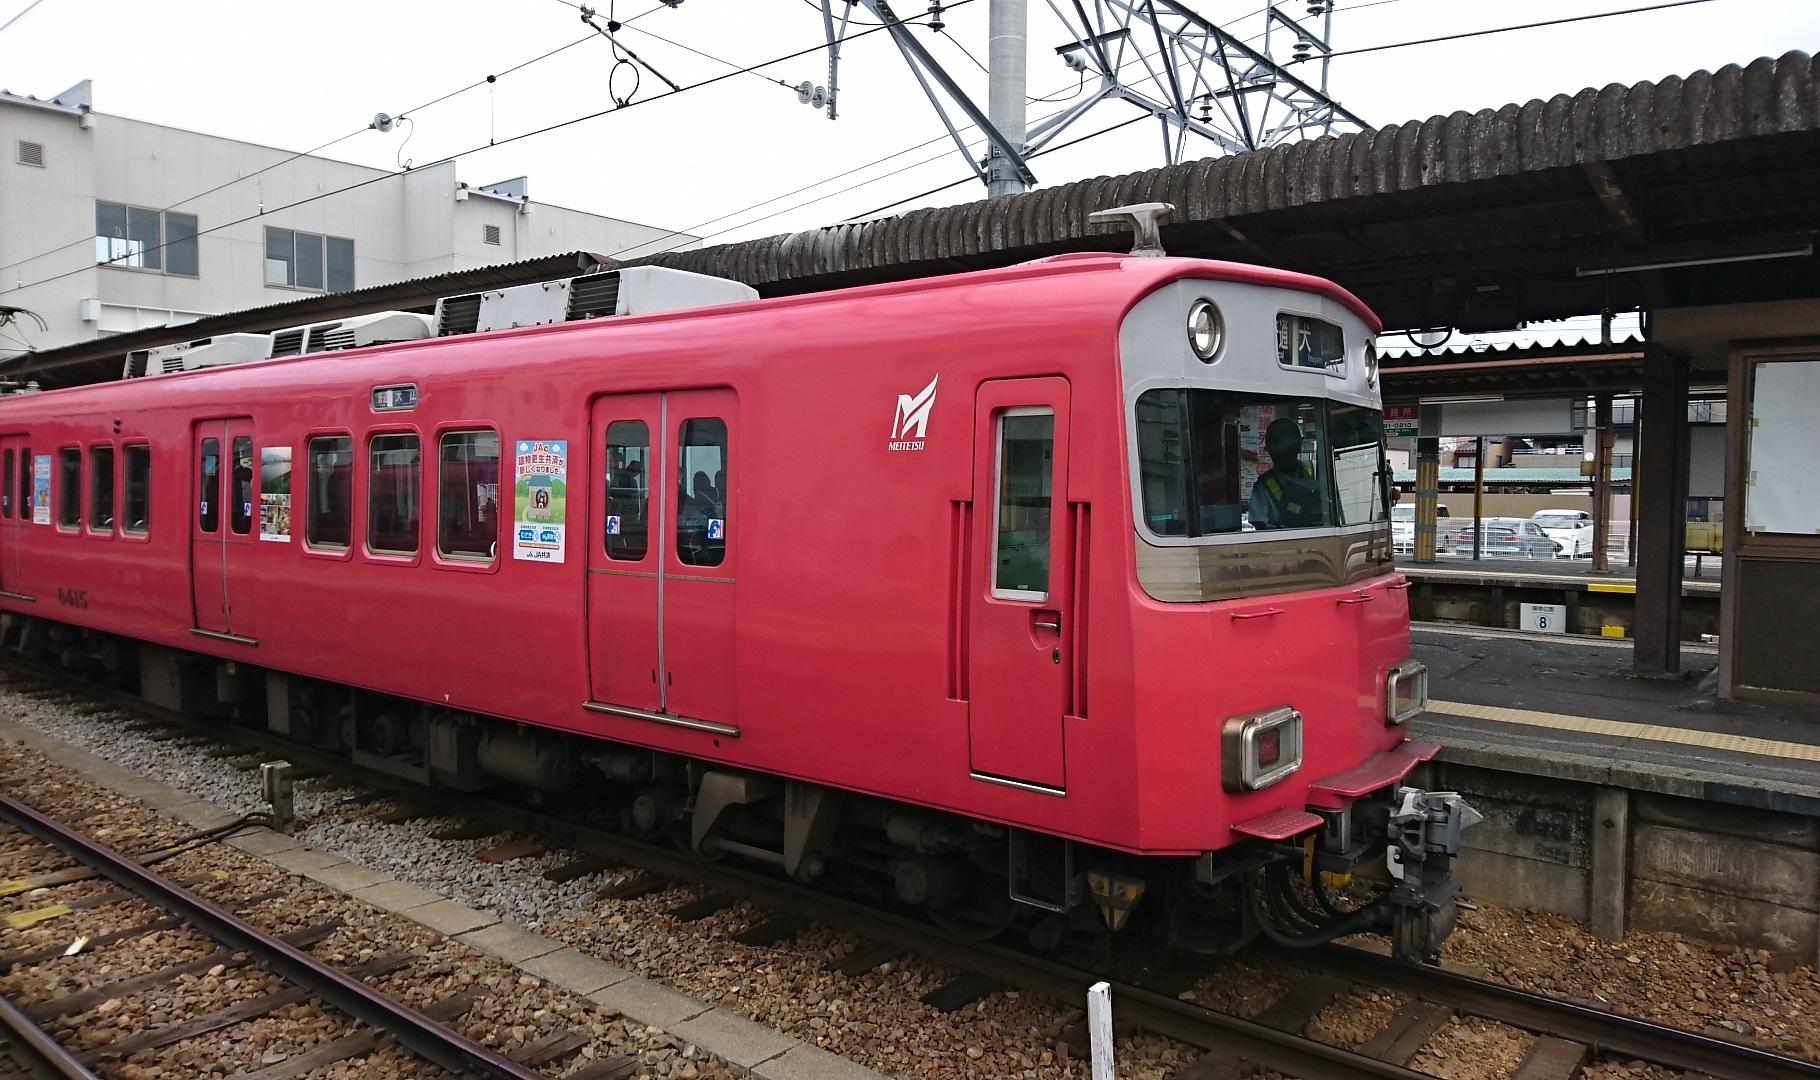 2017.5.6 しんあんじょう (10) 犬山いきふつう 1820-1080